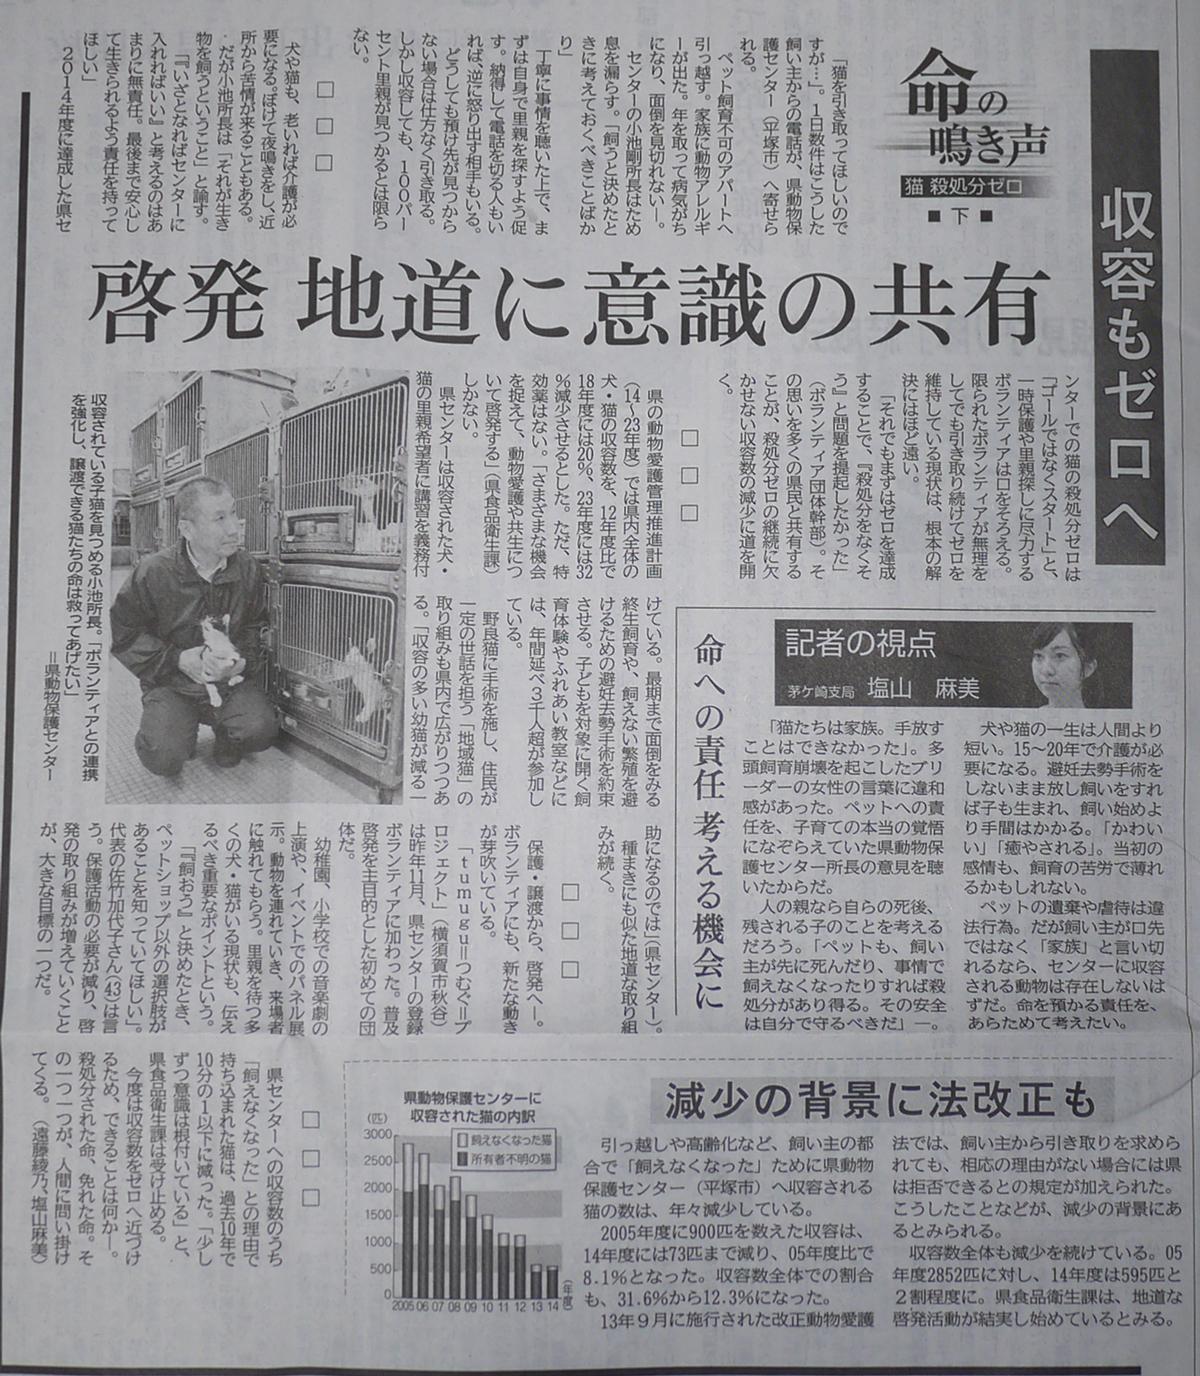 27年6月4日神奈川新聞